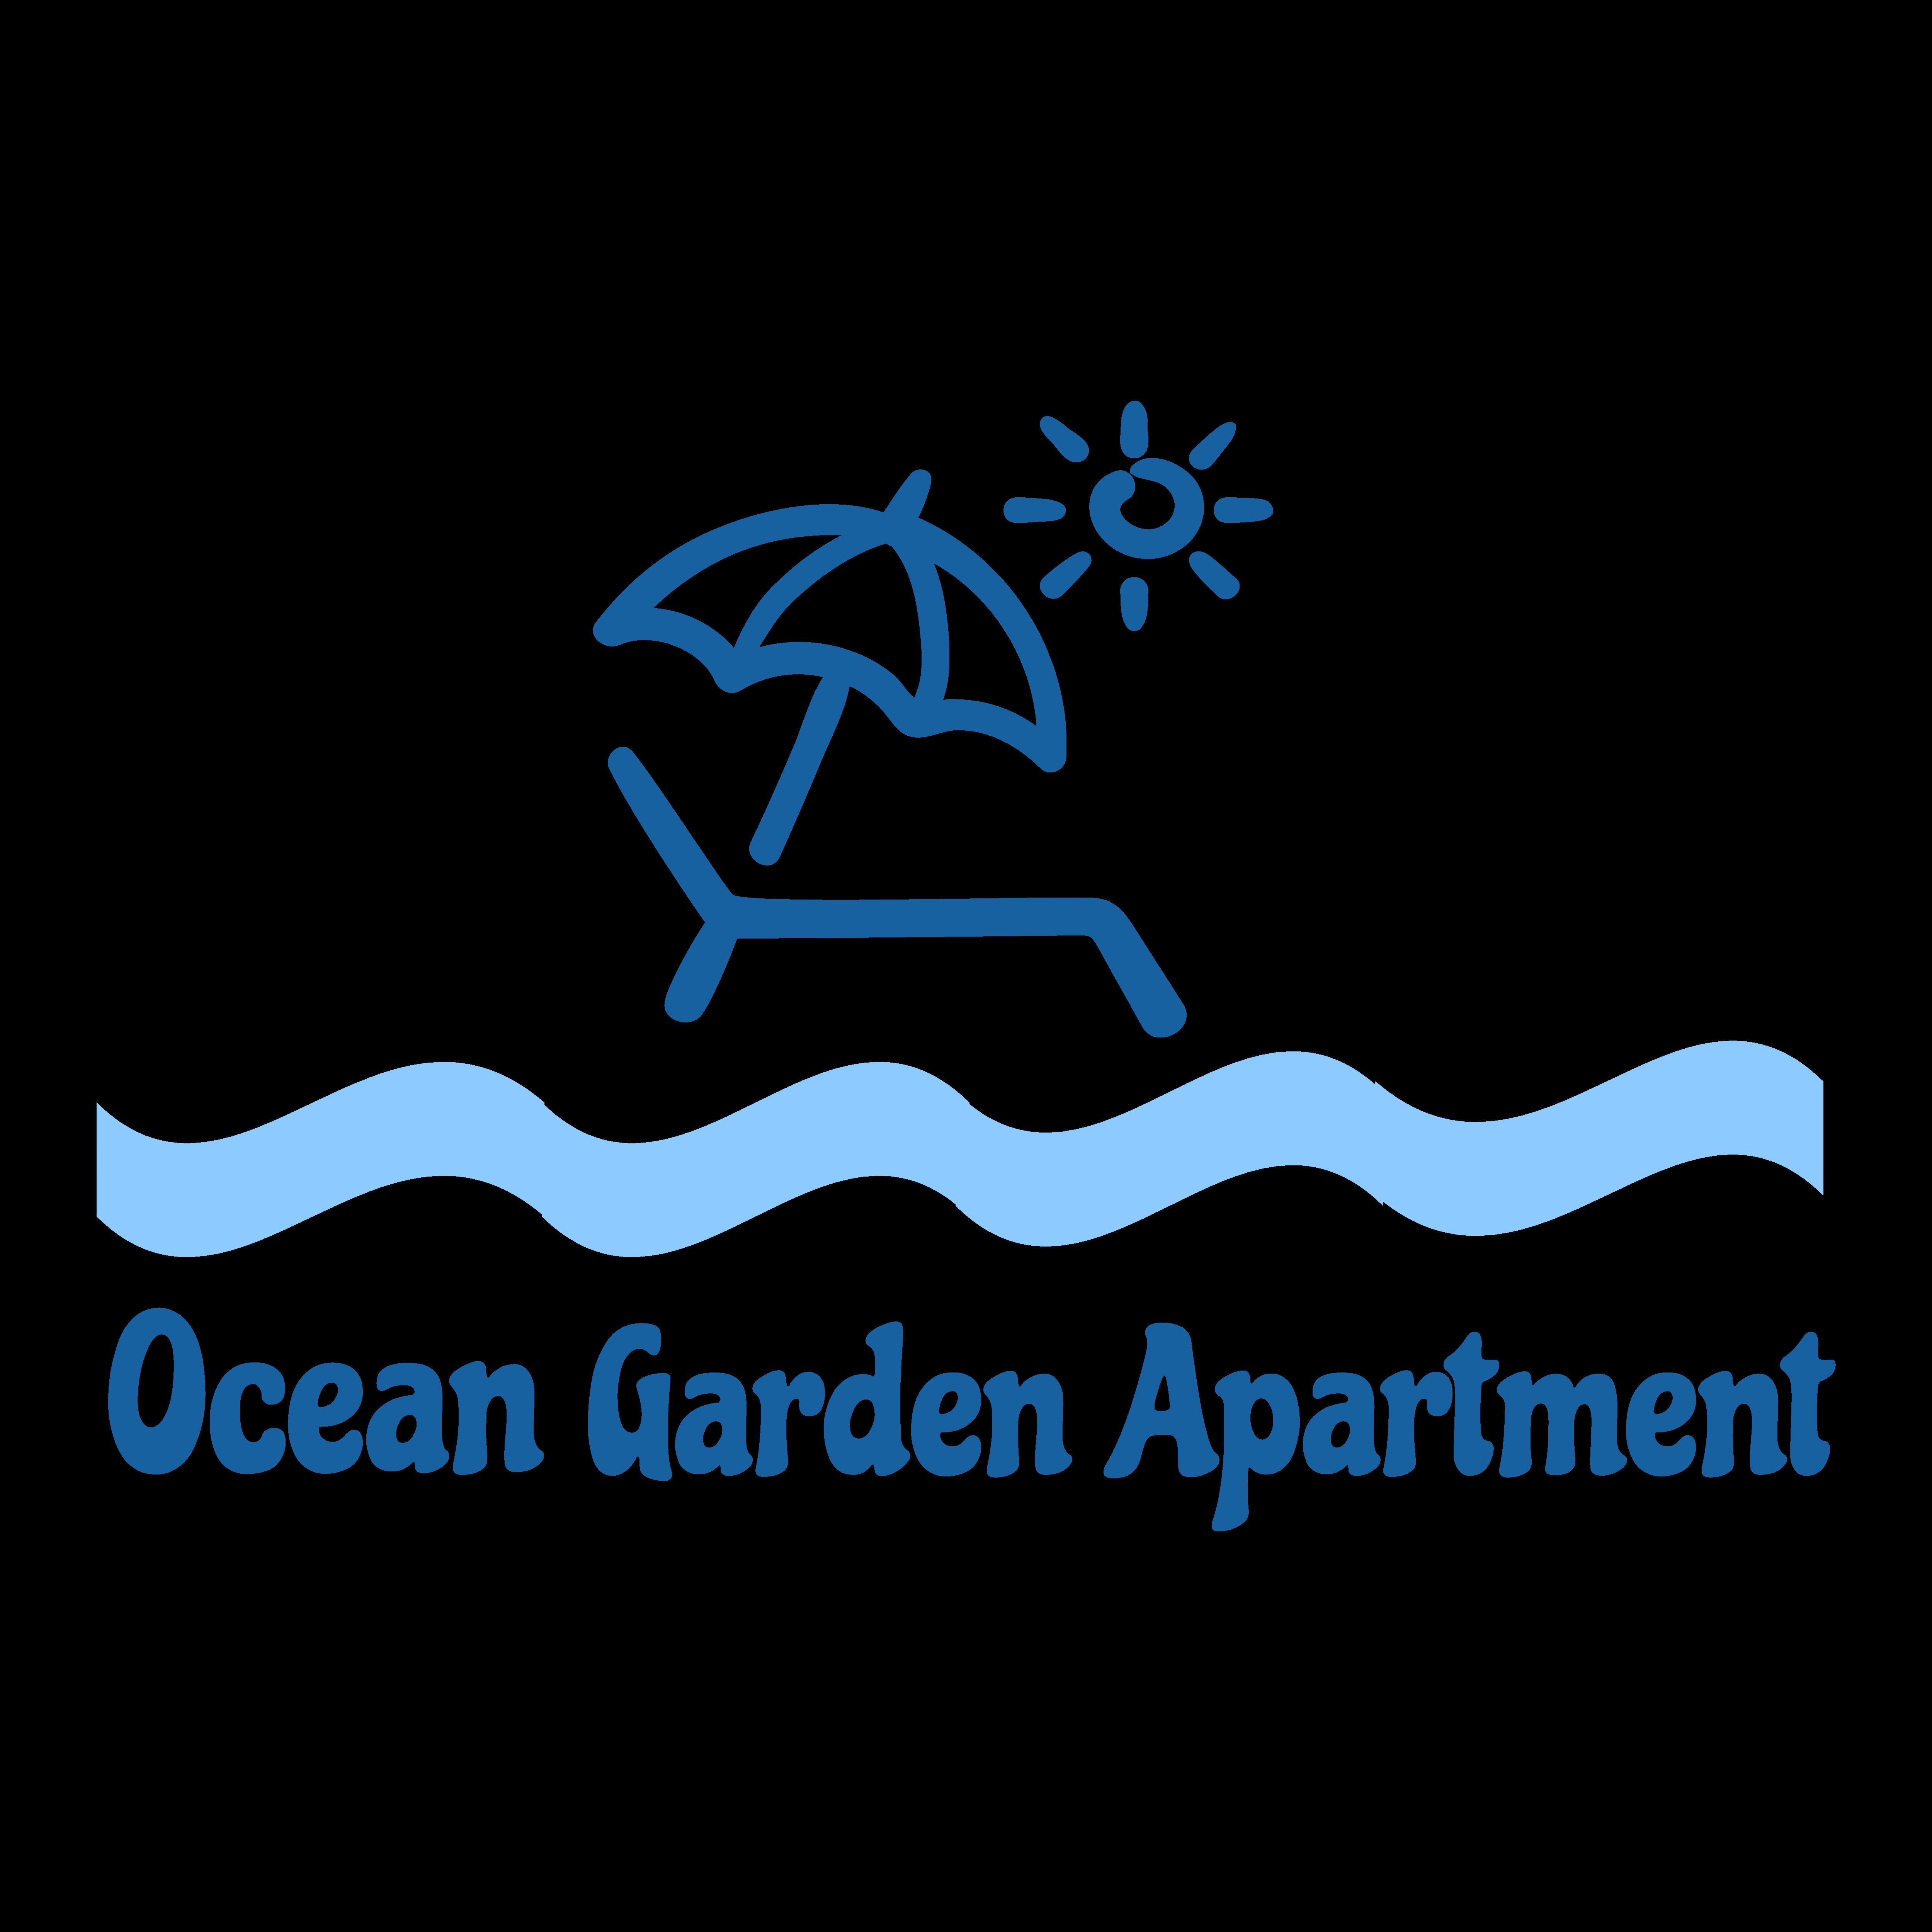 Ocean Garden